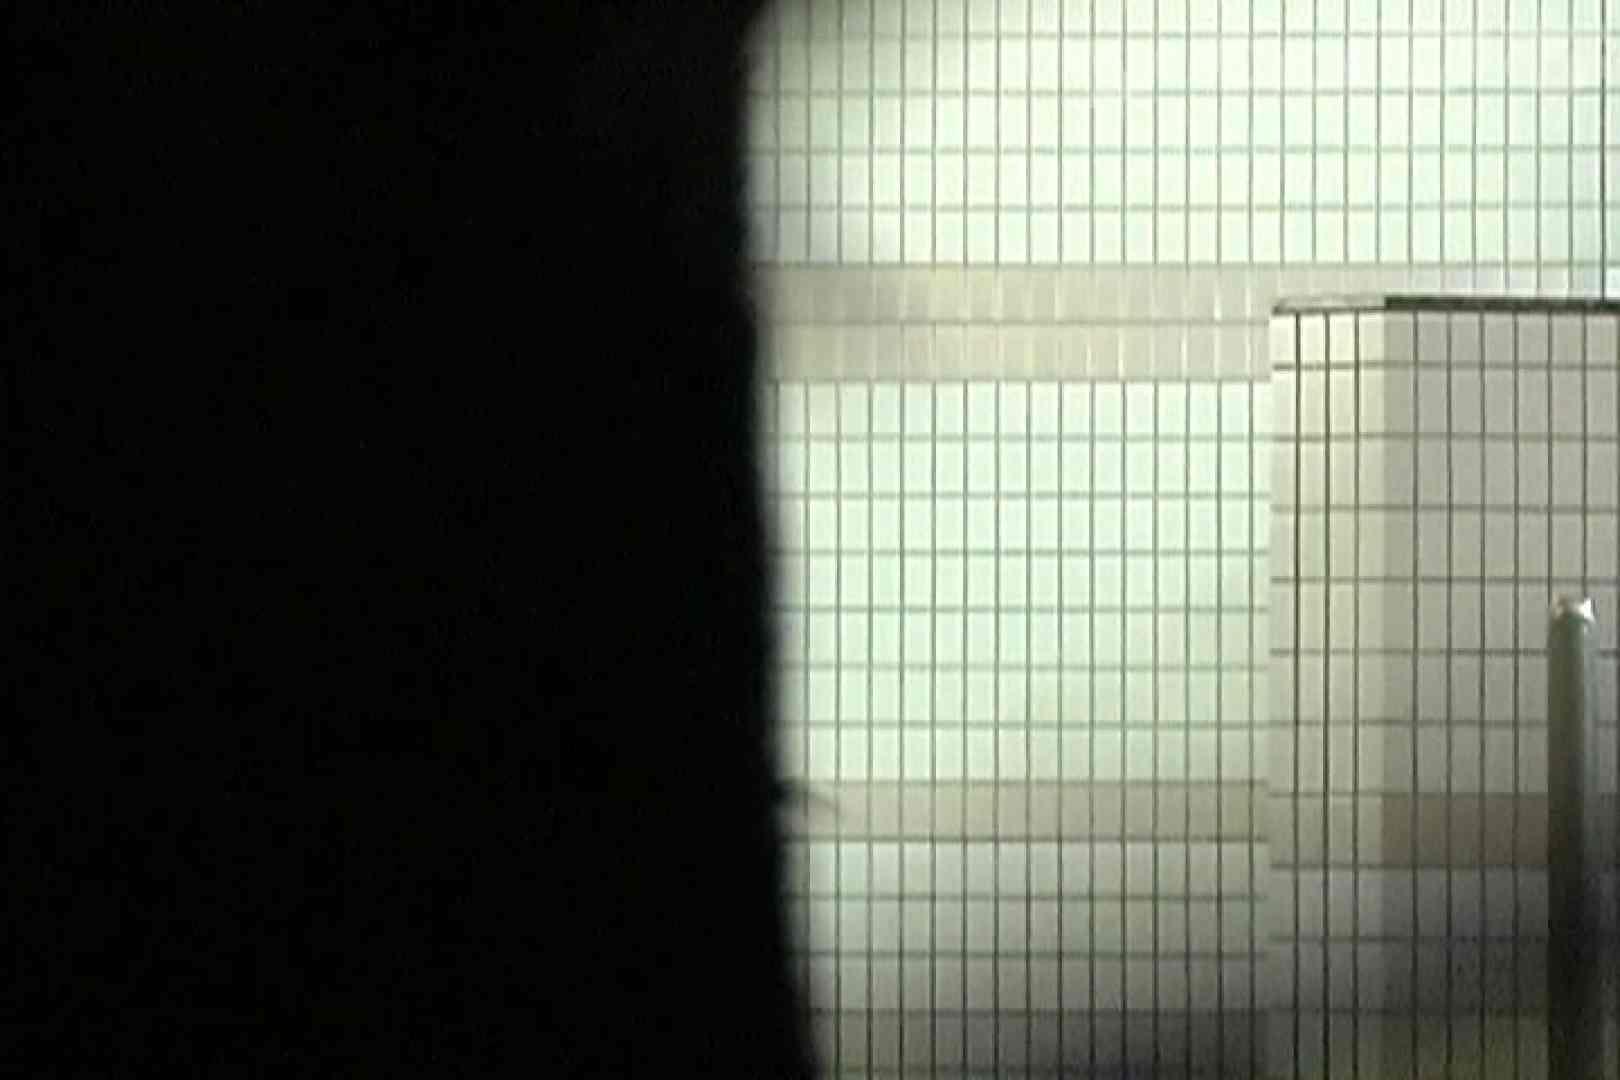 ▲復活限定▲合宿ホテル女風呂盗撮 Vol.35 期間限定 | 女風呂  81PIX 31